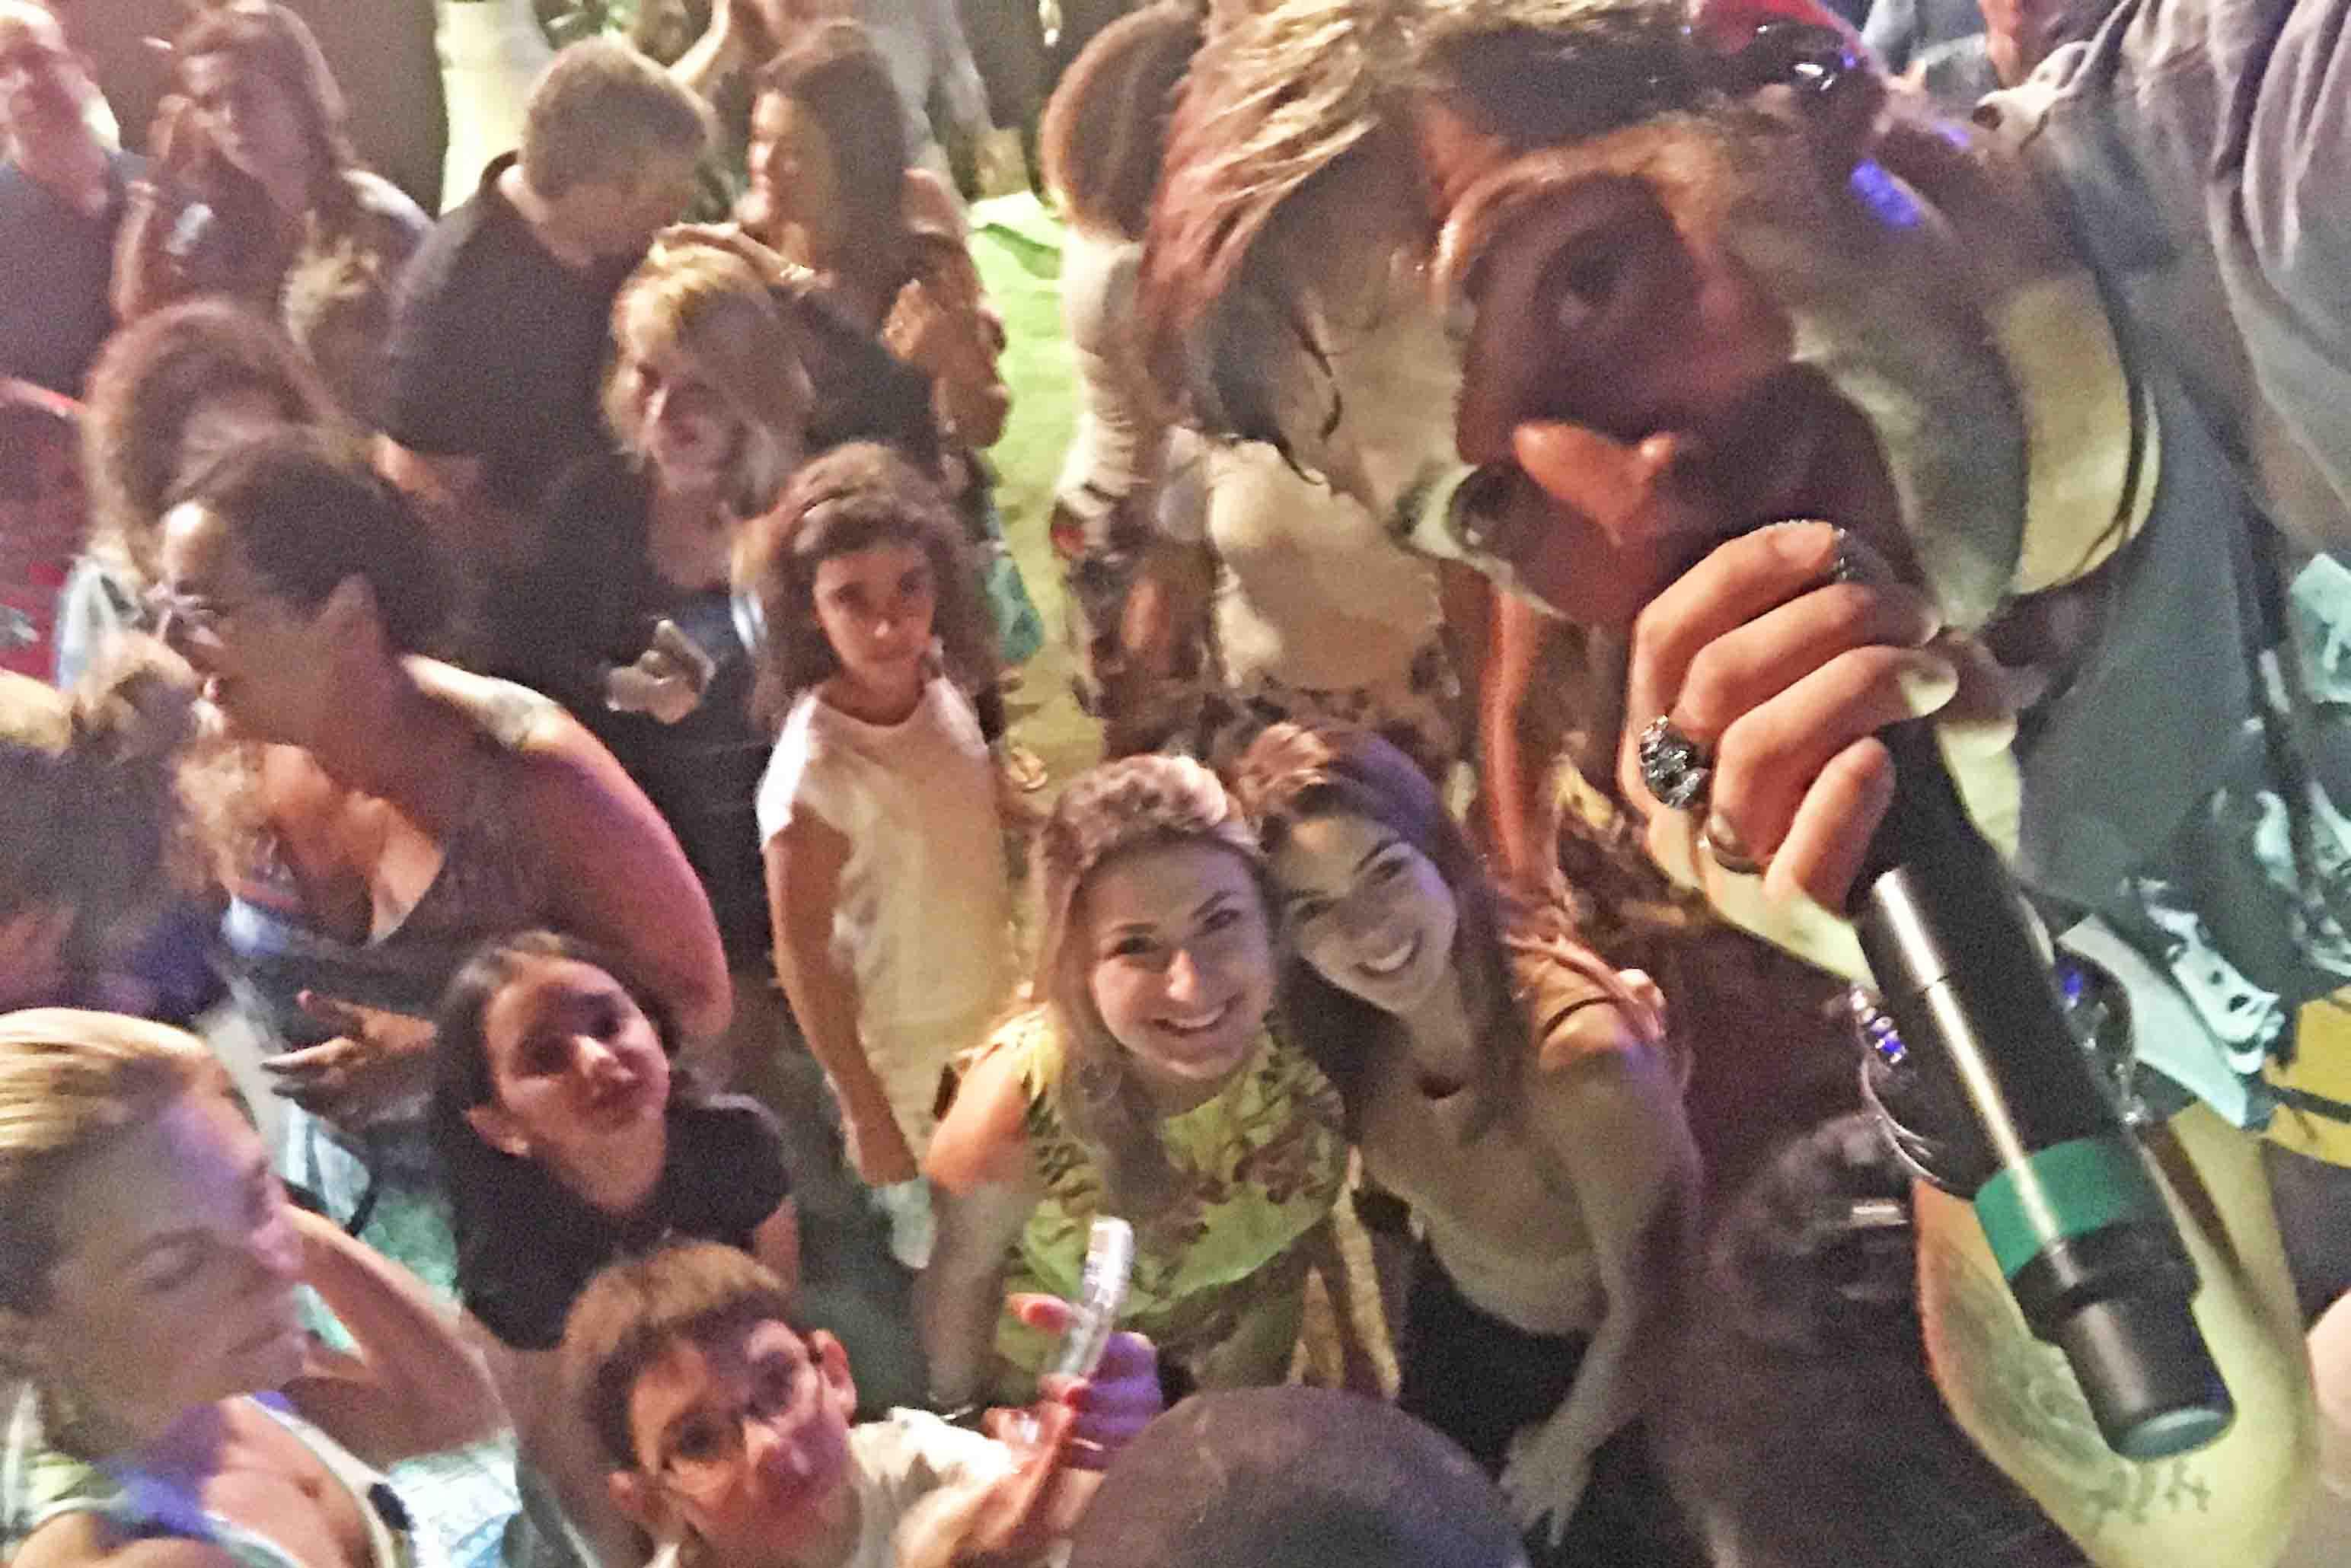 Banda Eva festa de aniversário 32 anos Tivoli Ecoresort Praia do Forte